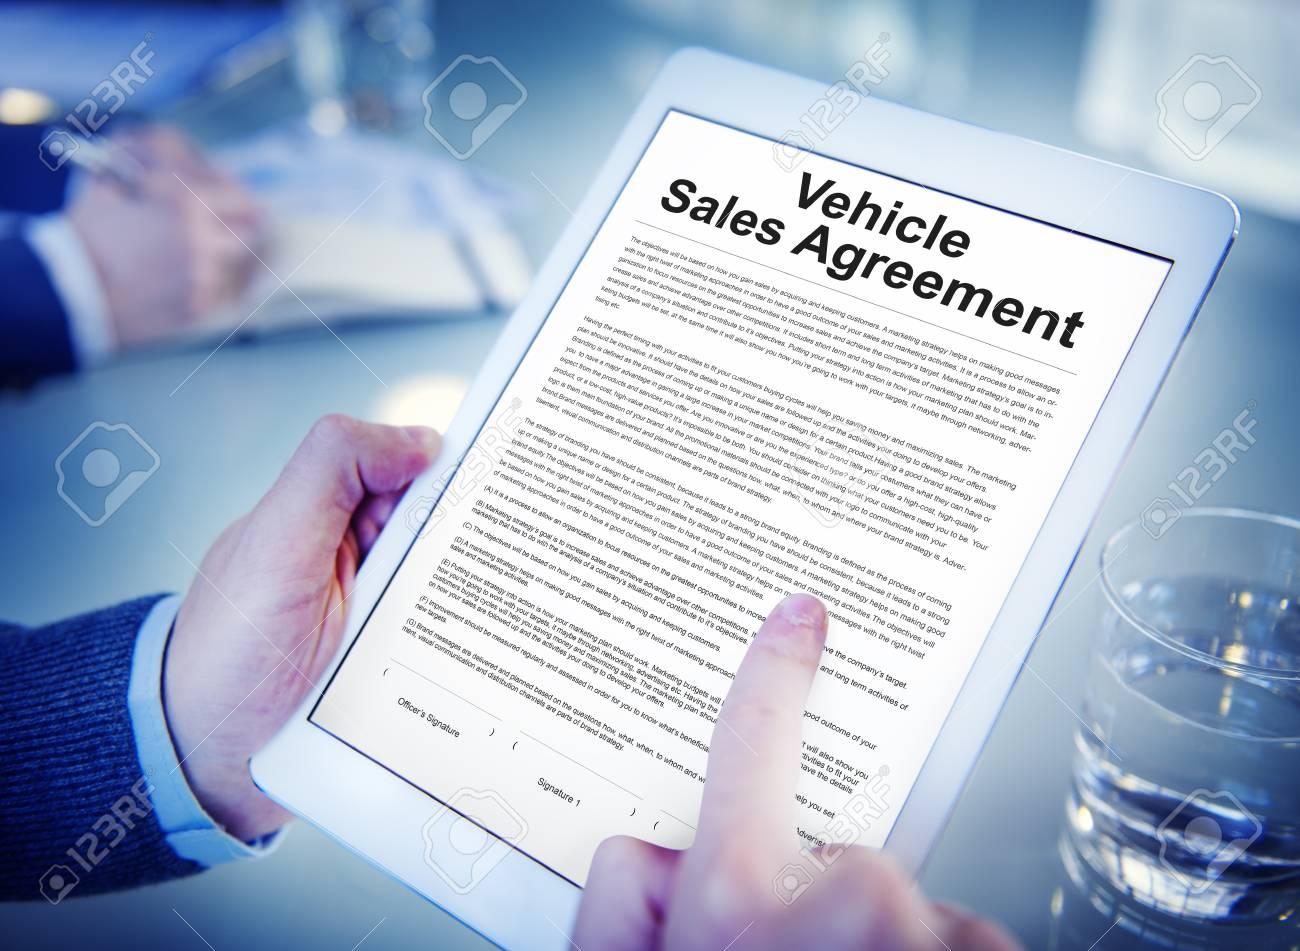 Fahrzeugkaufvertrag Versicherungskonzept Lizenzfreie Fotos, Bilder ...